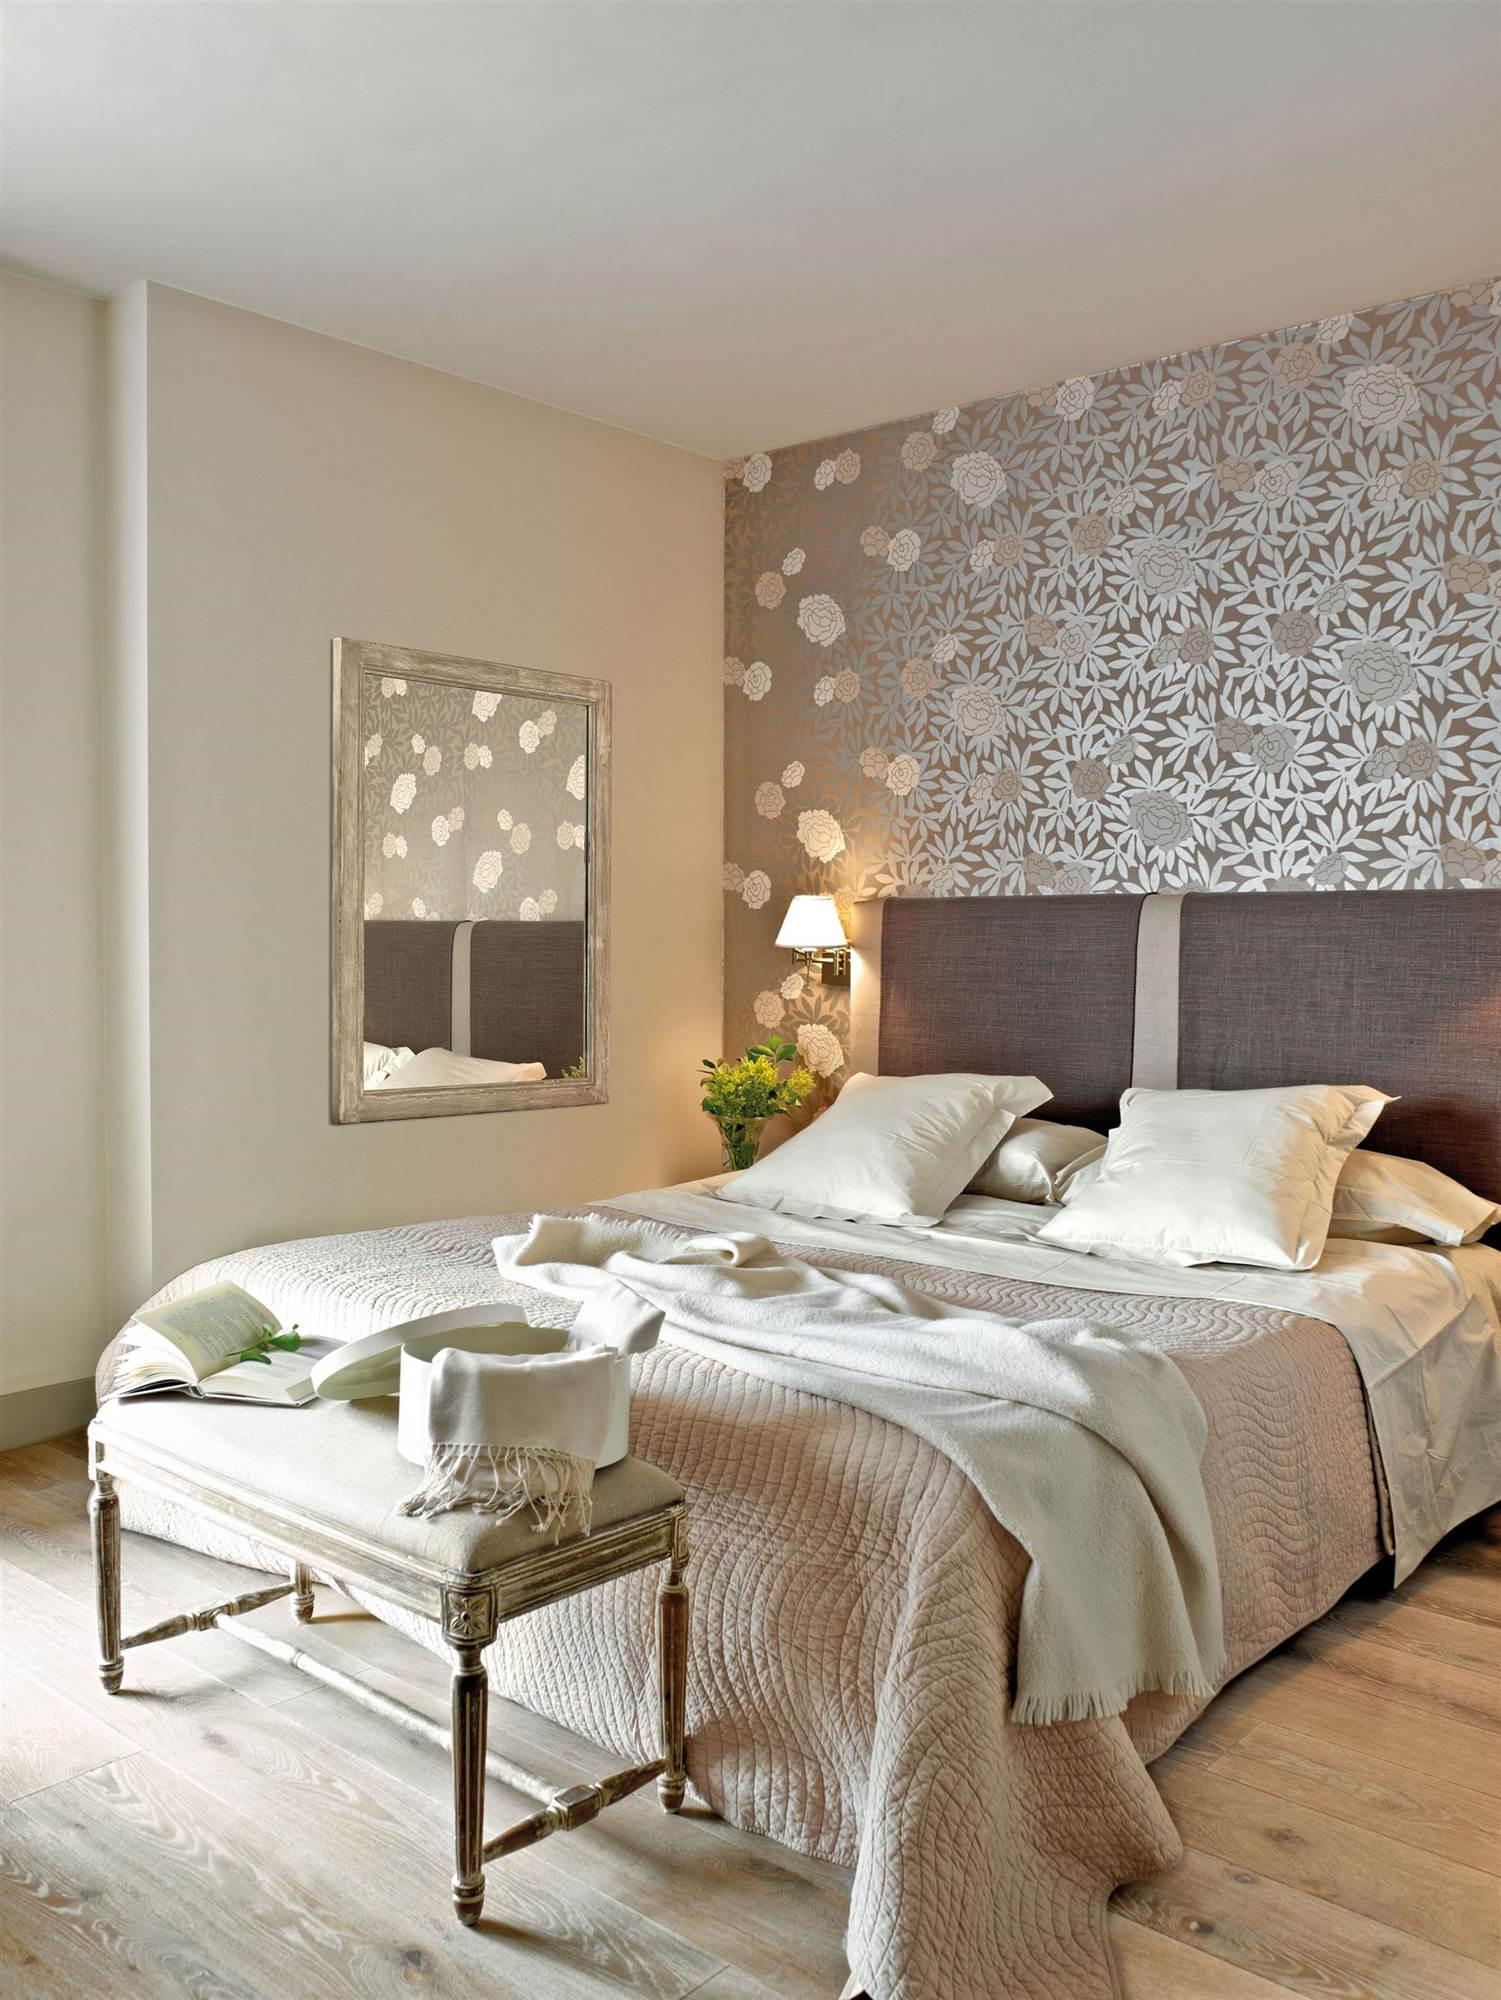 Dormitorio Con Pared Del Cabecero Con Papel Pintado Plateado_00271781